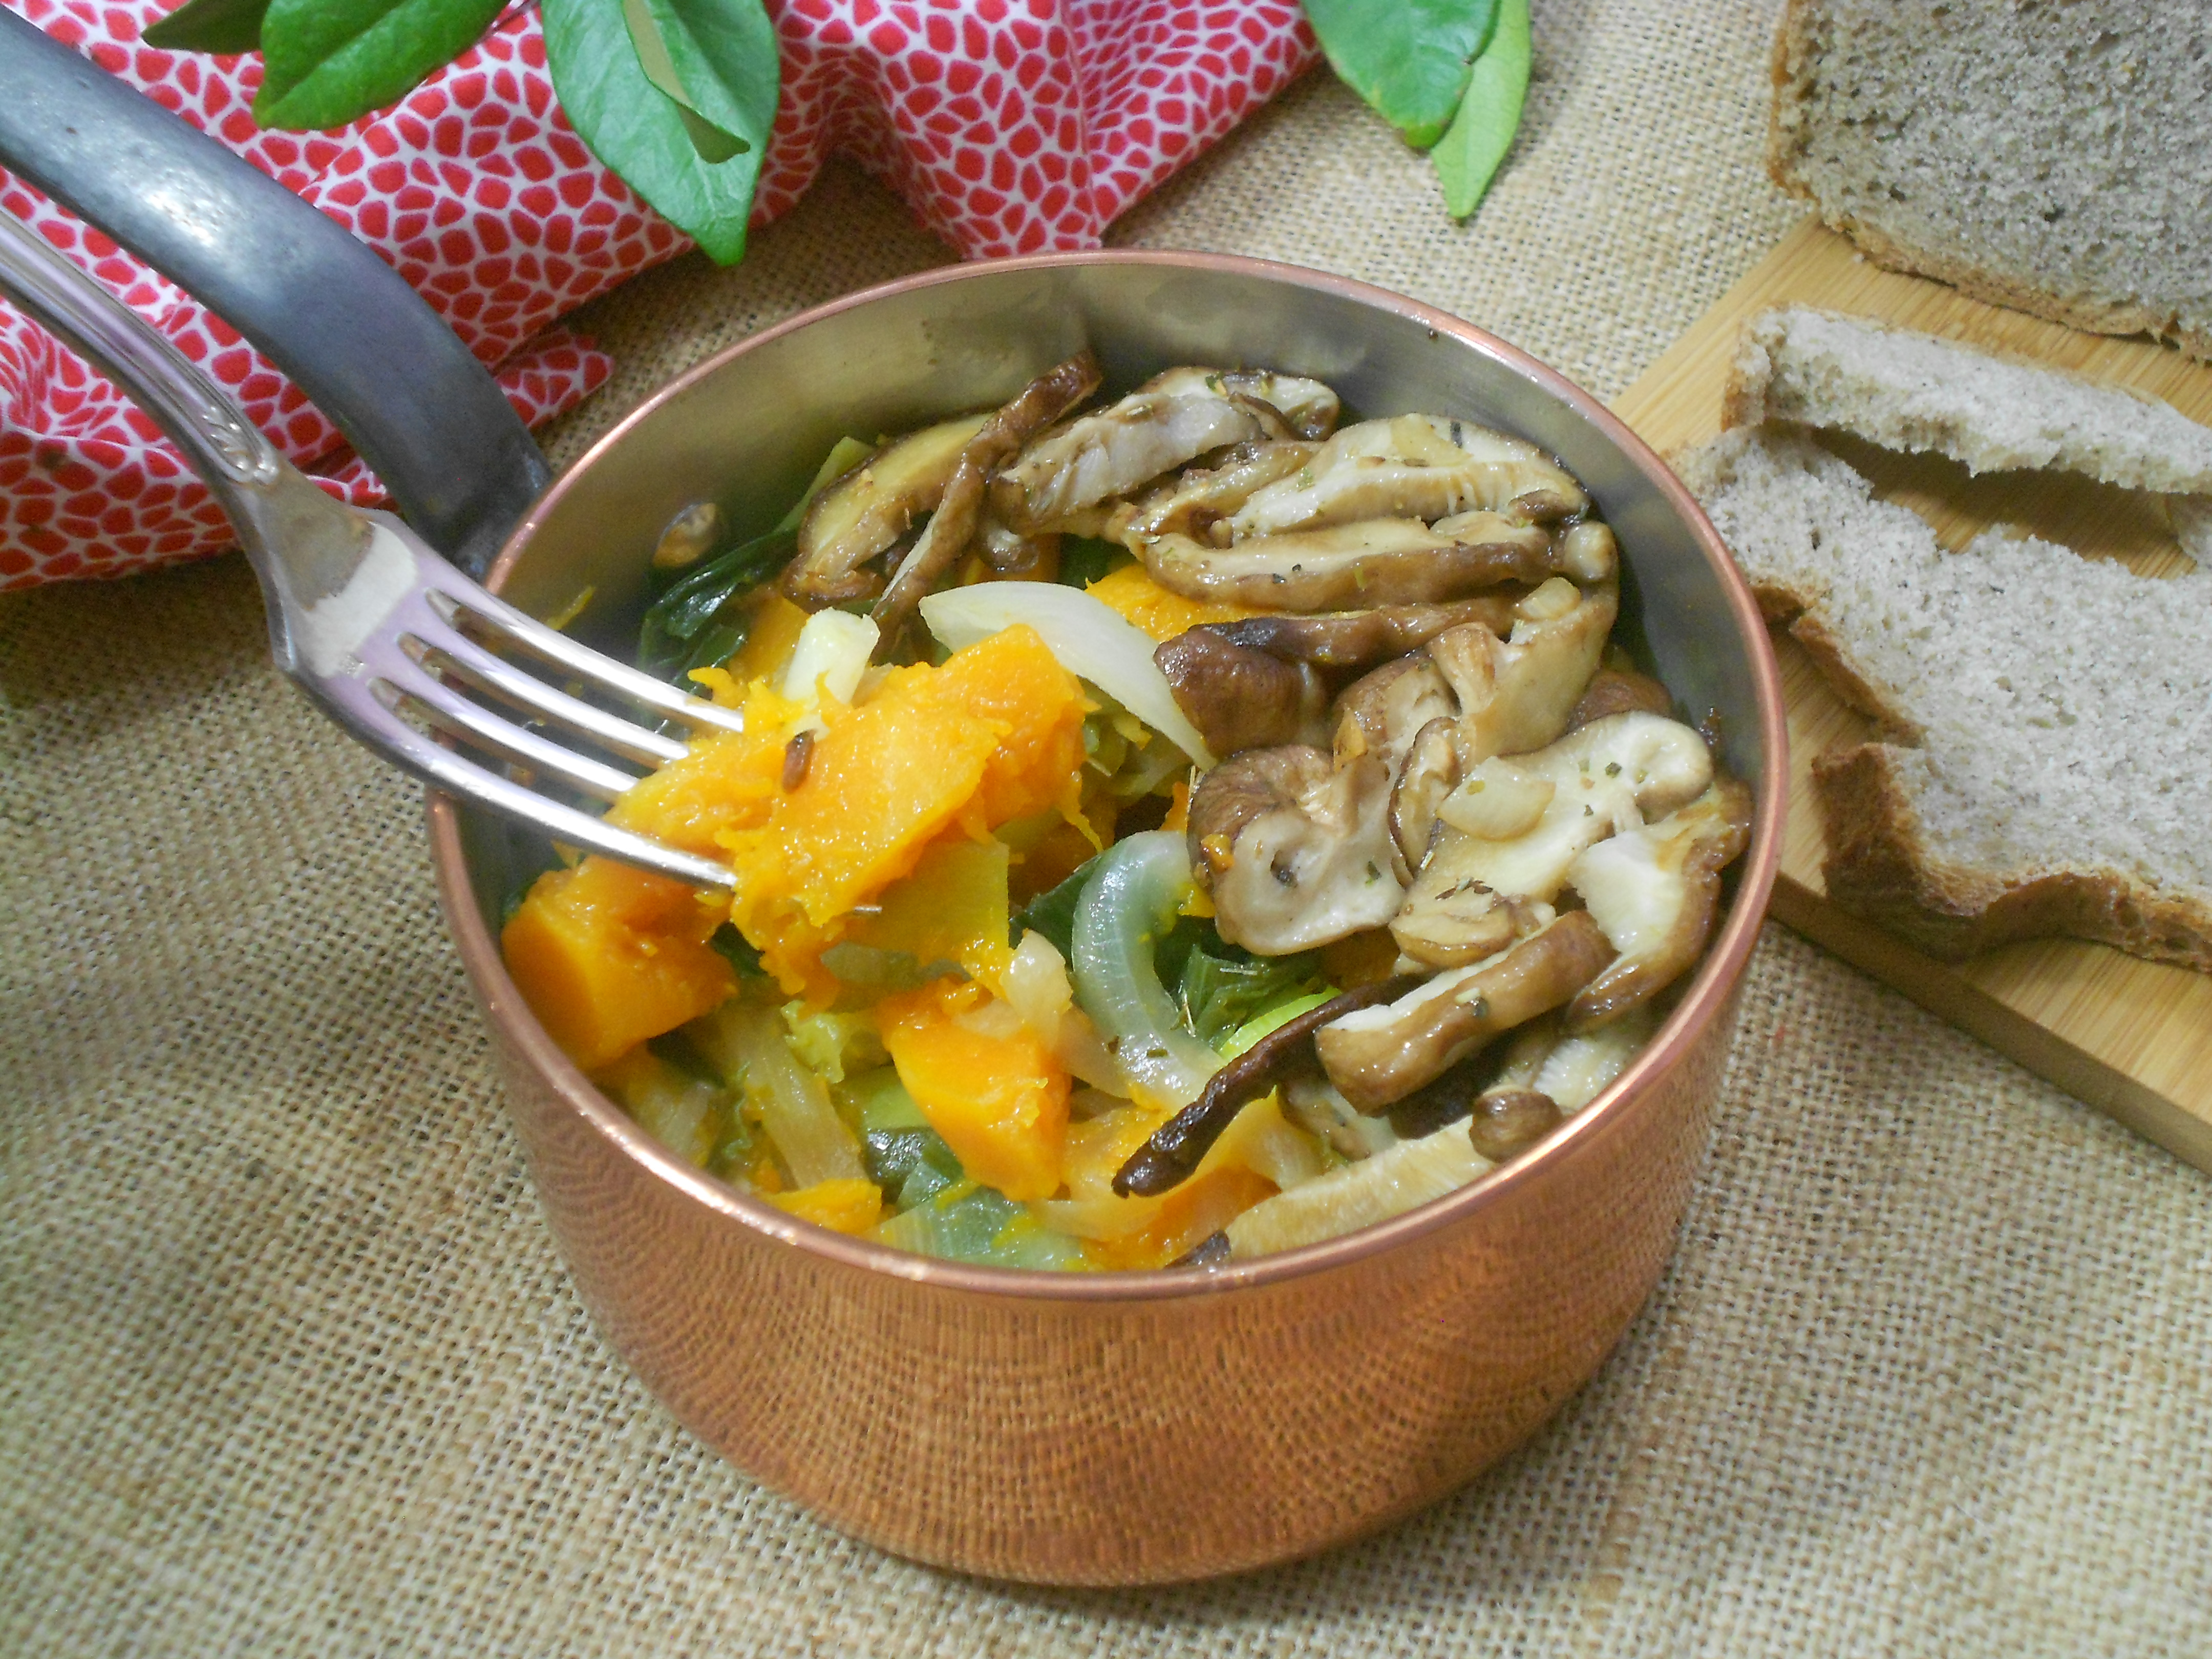 une fricassé gourmande aux champignons et potiron